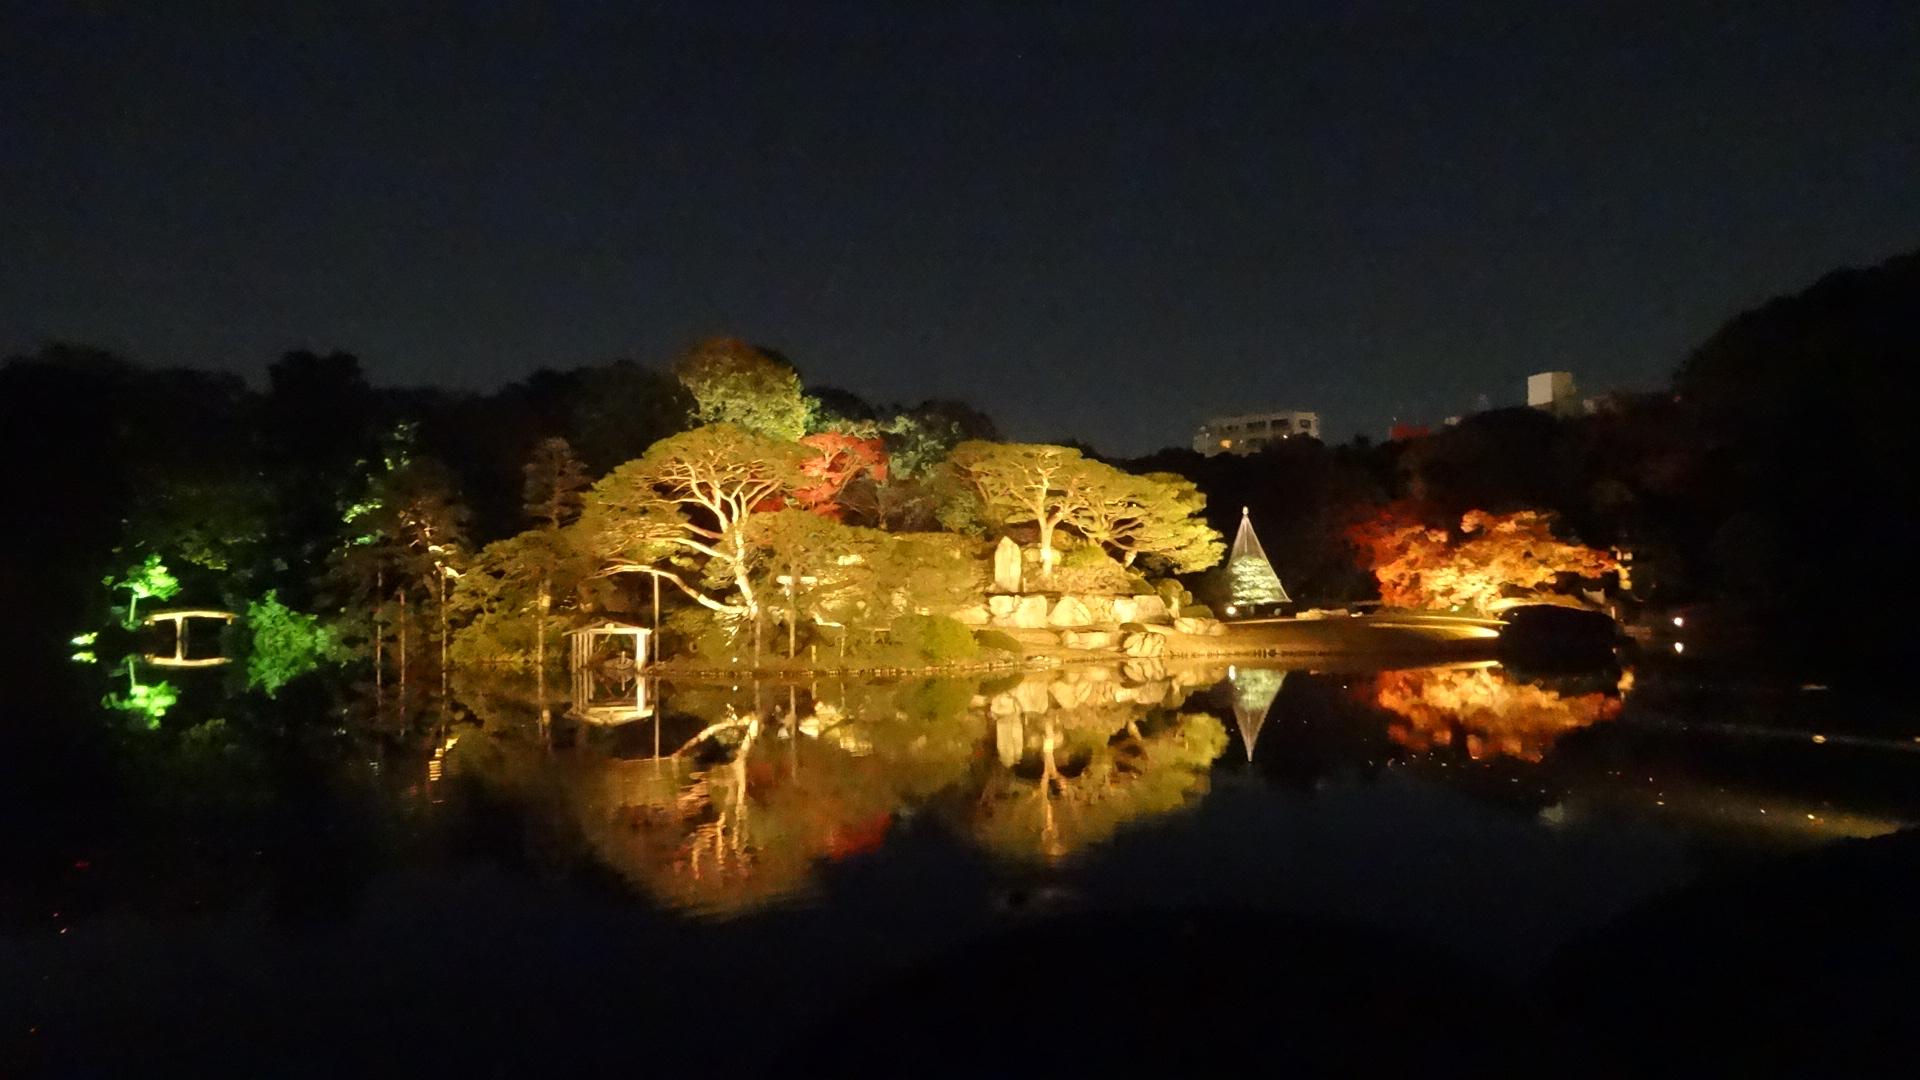 ライトアップされた庭園内の小島1